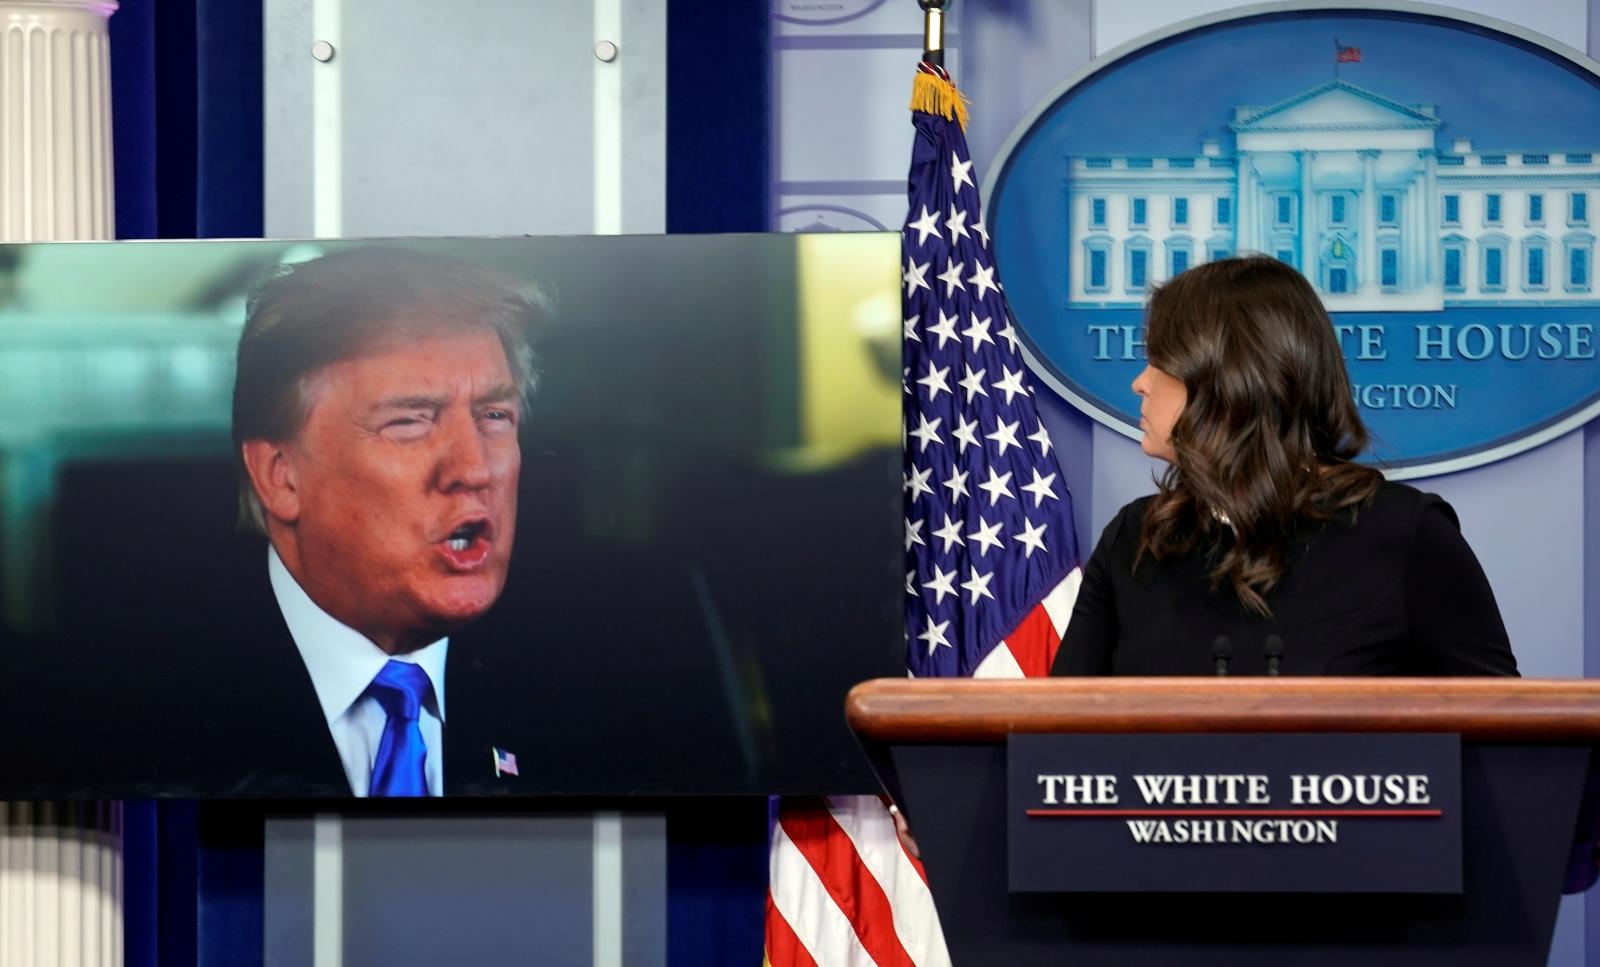 Donald Trump and Sarah Huckabee Sanders